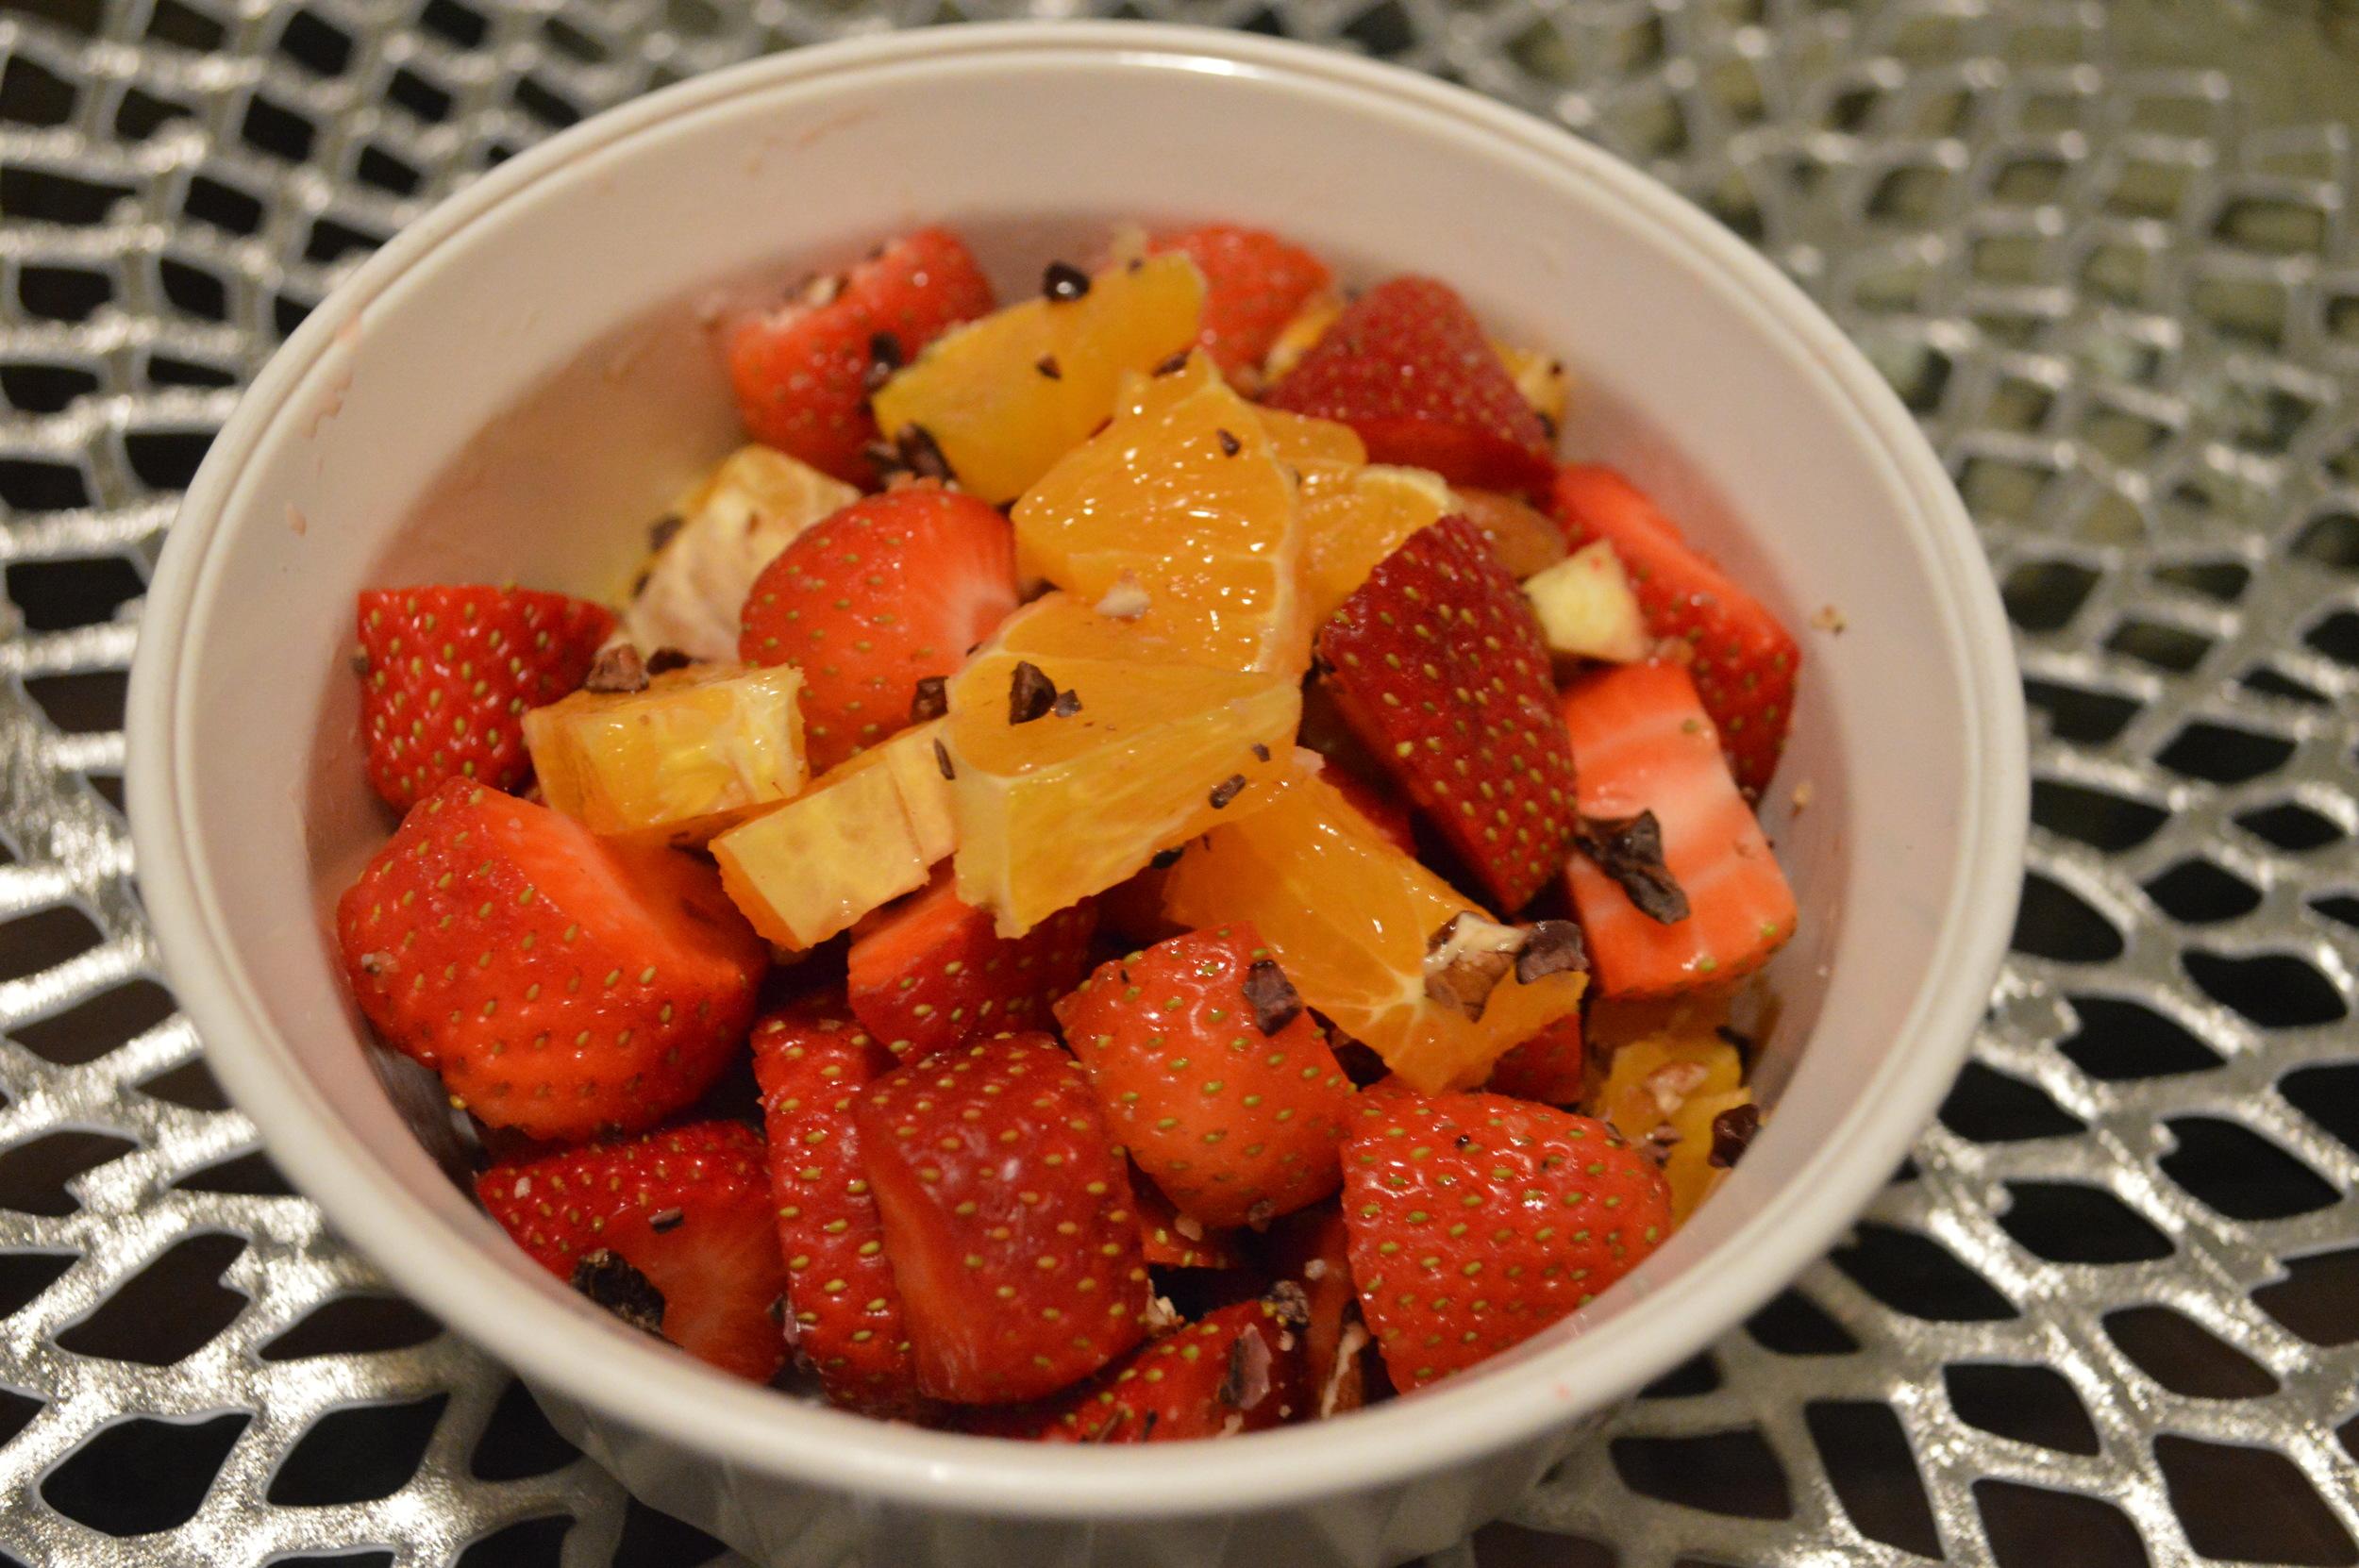 Strawberries, Oranges, Cacao Nibs